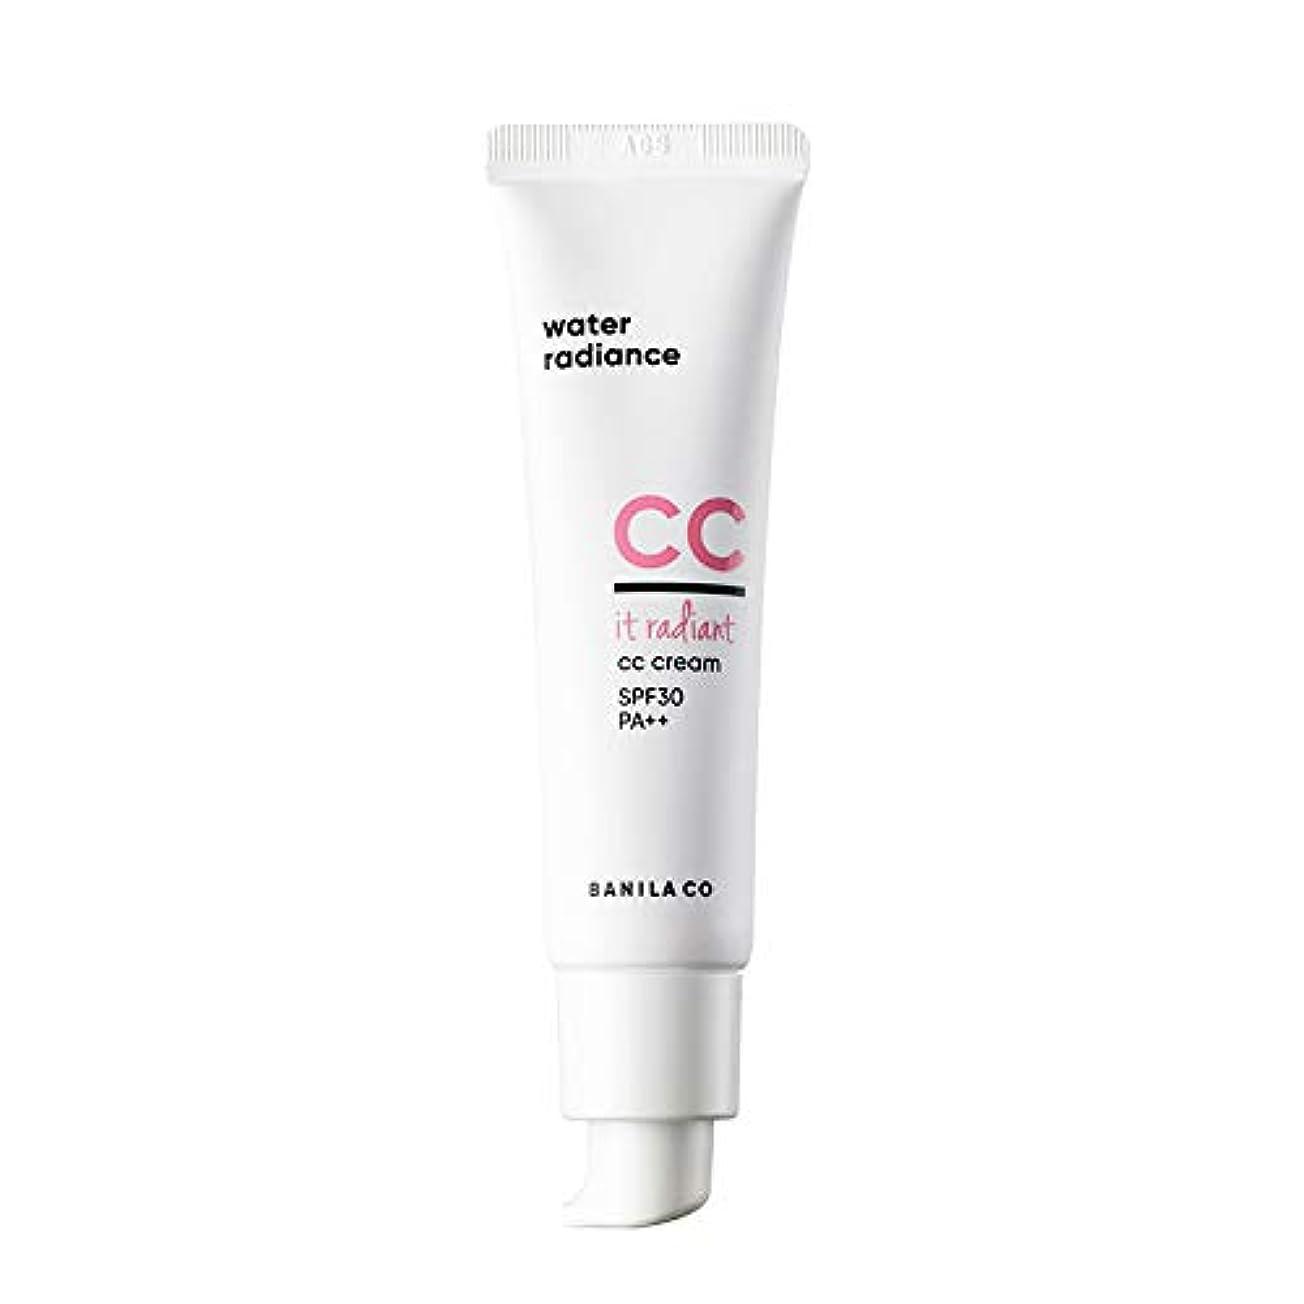 電話表面的なバレエBANILA CO(バニラコ) イットレディアント ccクリーム It Radiant CC Cream